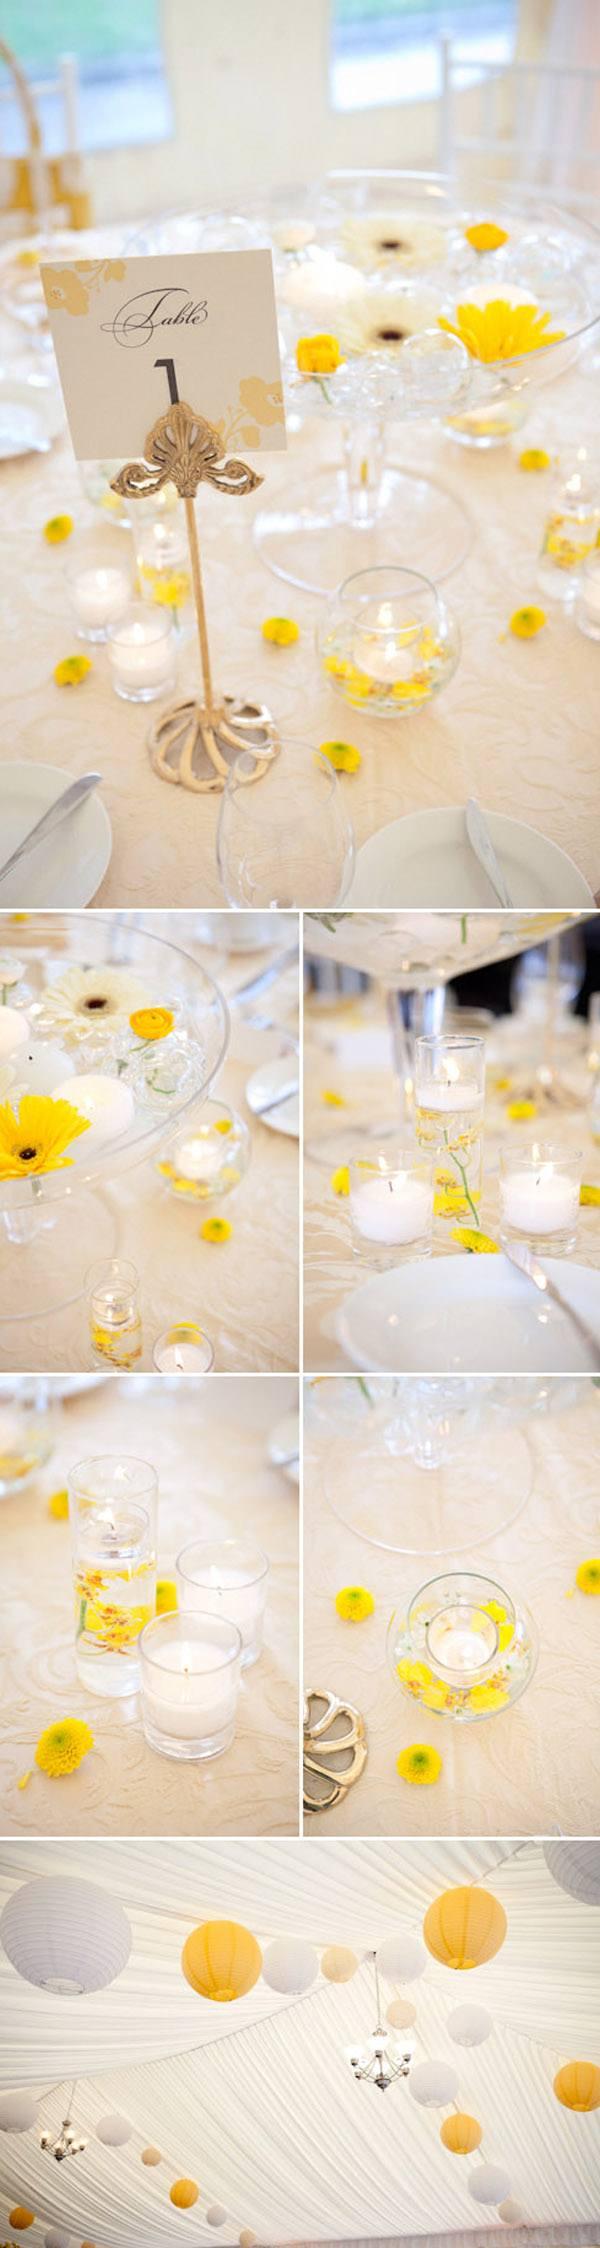 Decoración de mesa en amarillo amarillo_5_600x2248